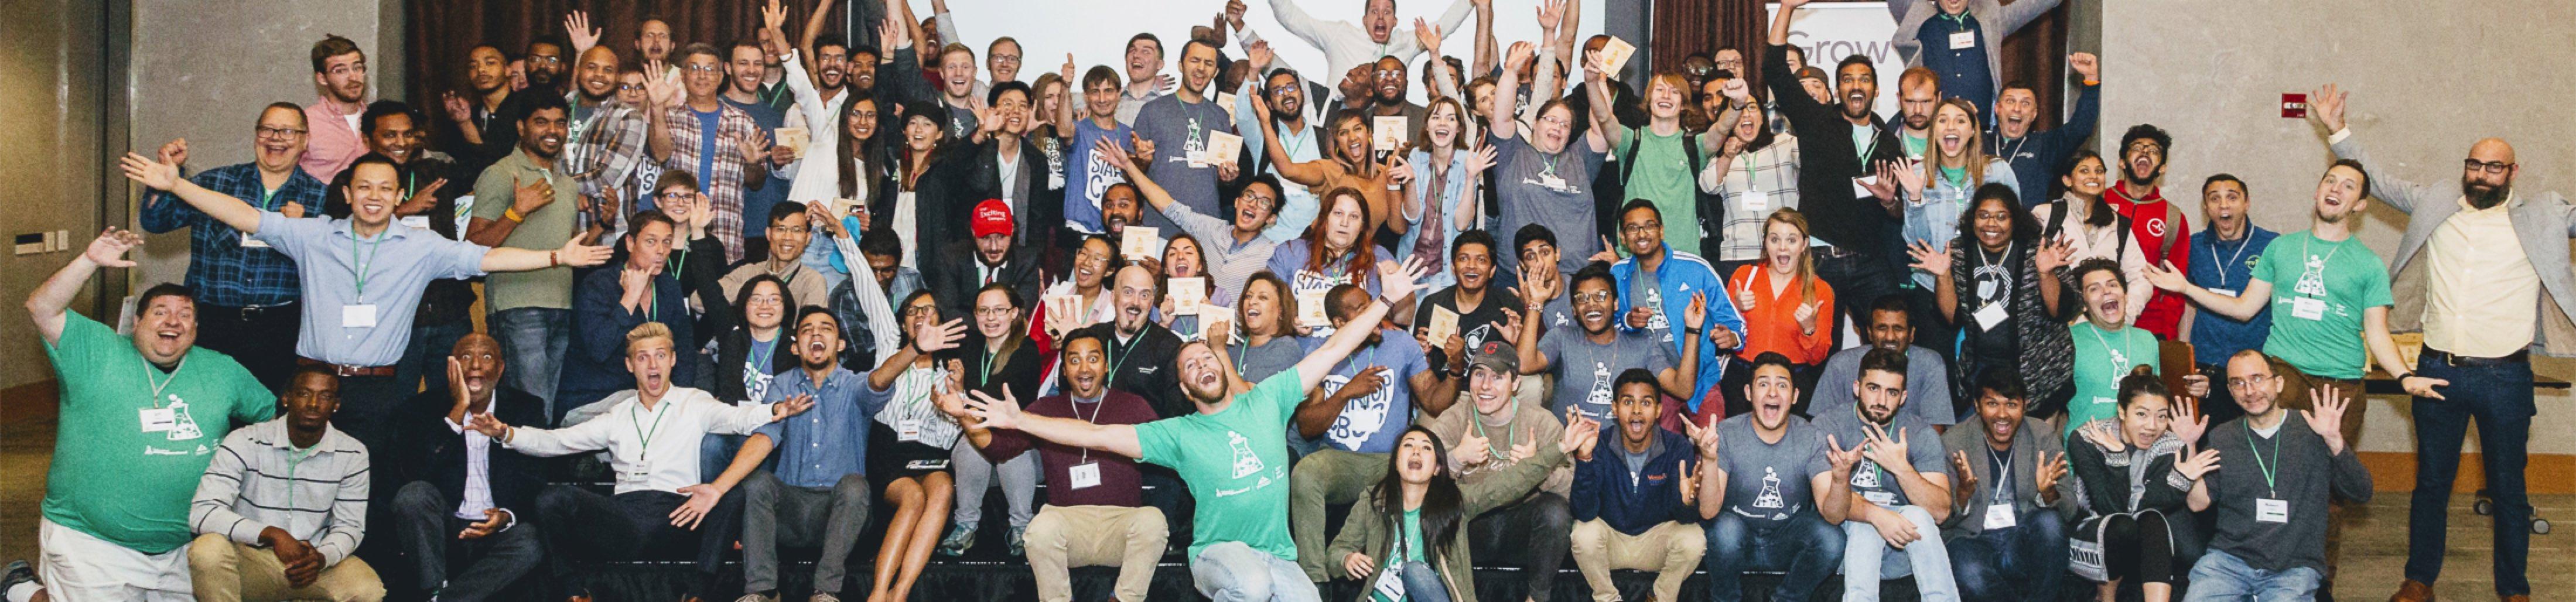 Columbus Startup weekend image